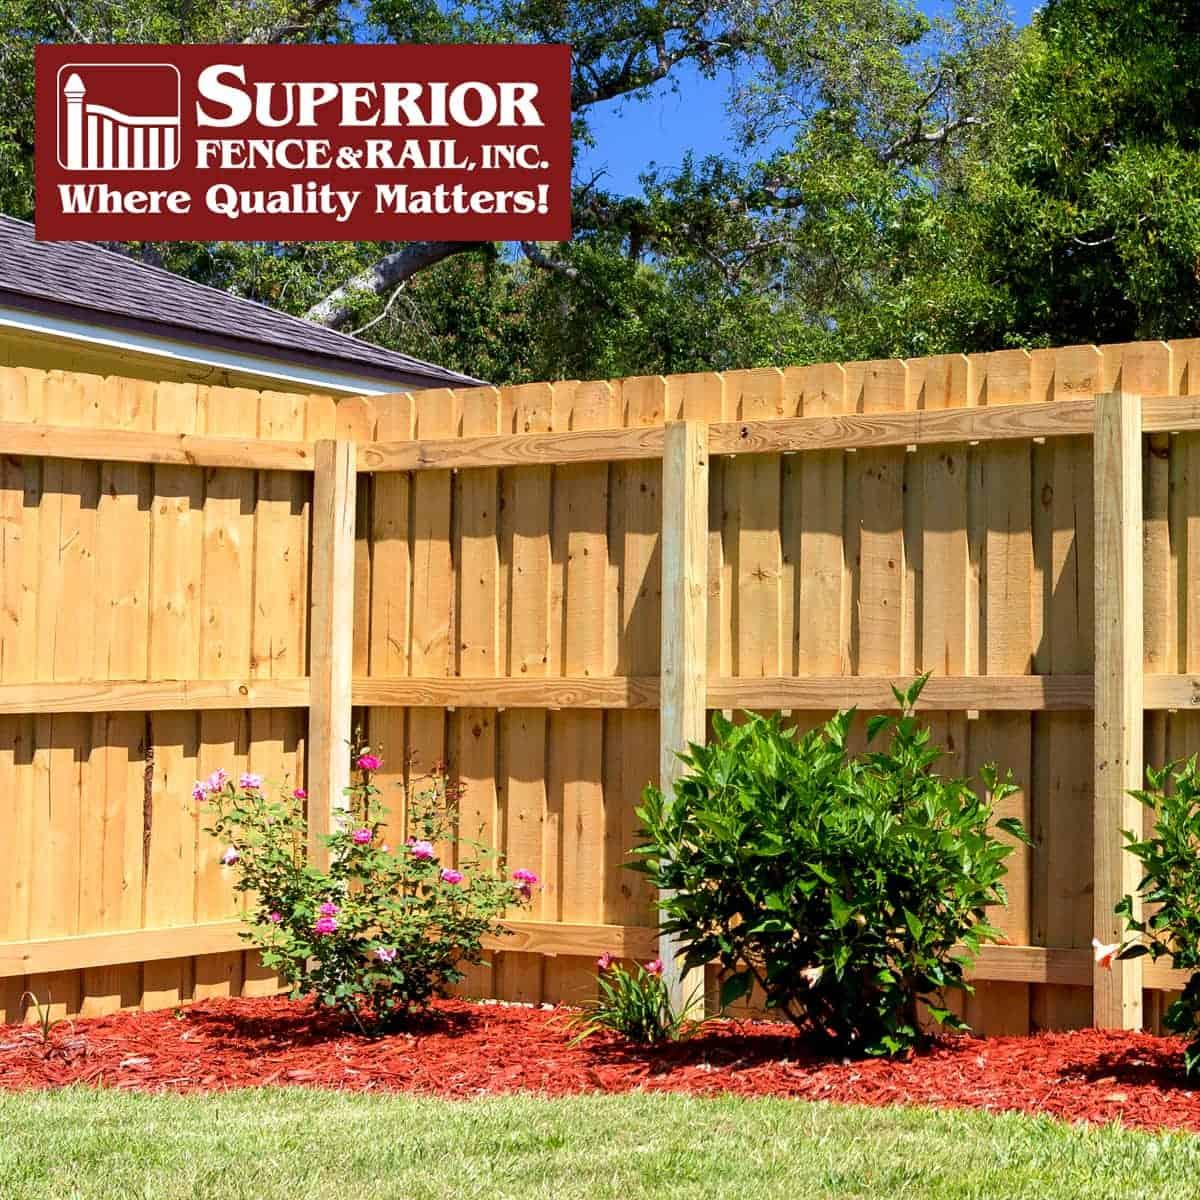 Millard fence company contractor